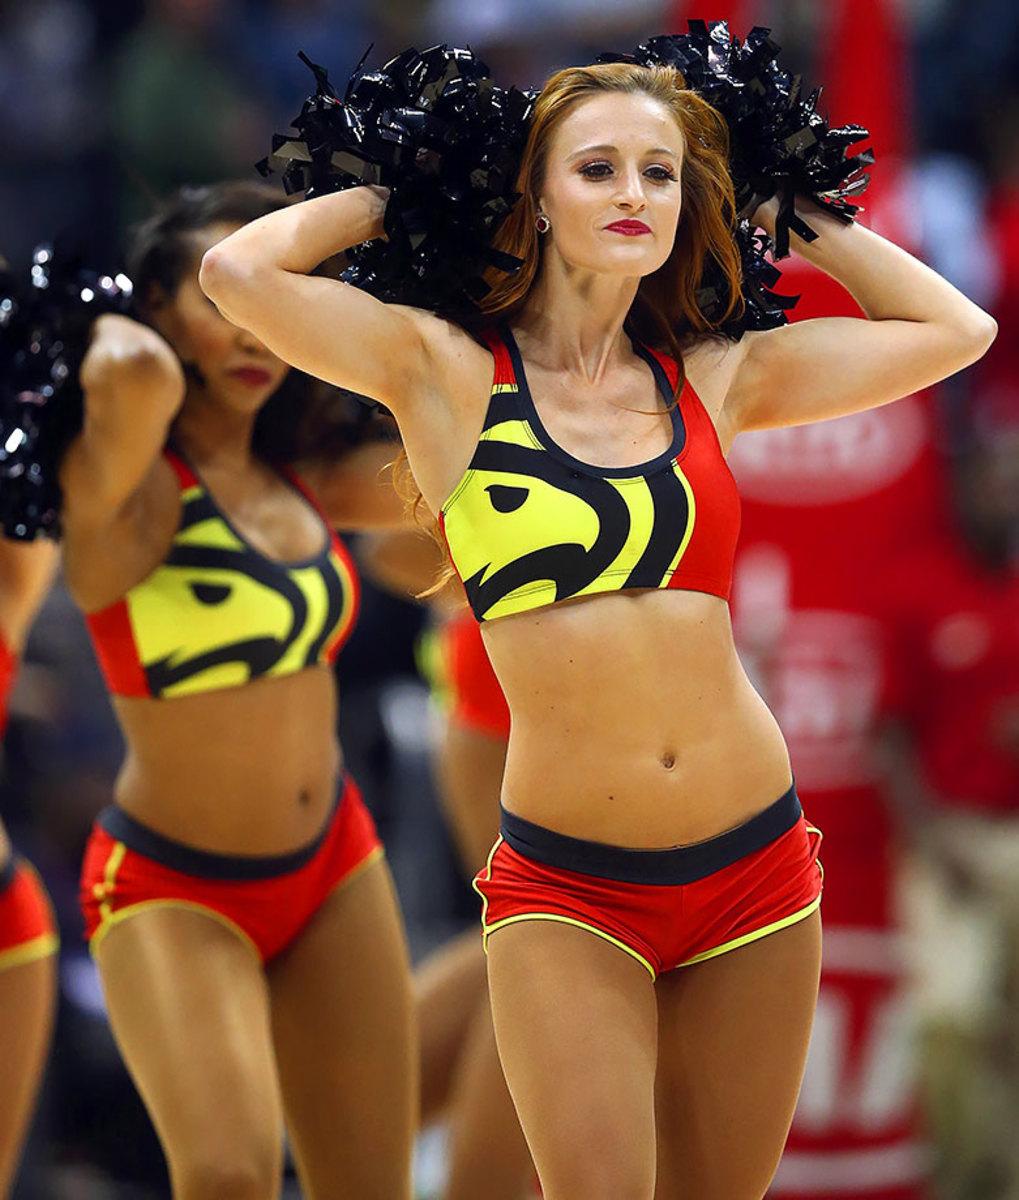 Atlanta-Hawks-Cheerleaders-6bc8204d5ac04153815a67a1b0760d3d-0.jpg